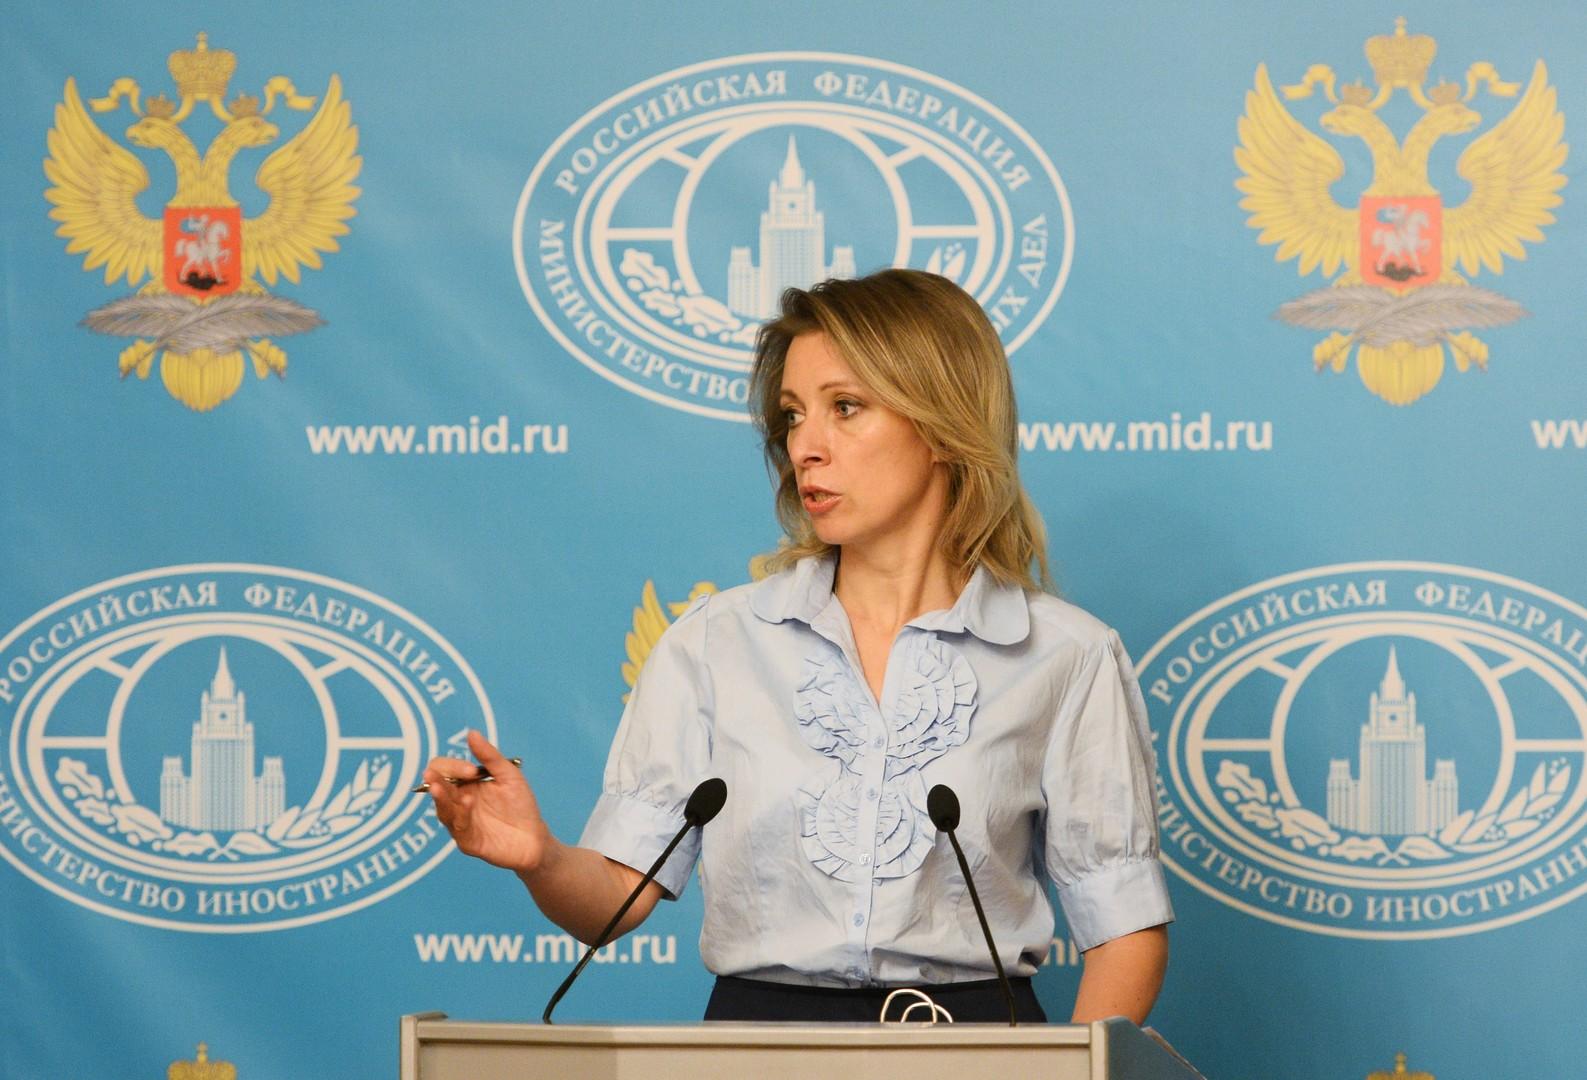 Мария Захарова: США продолжают целенаправленно отравлять атмосферу двусторонних отношений